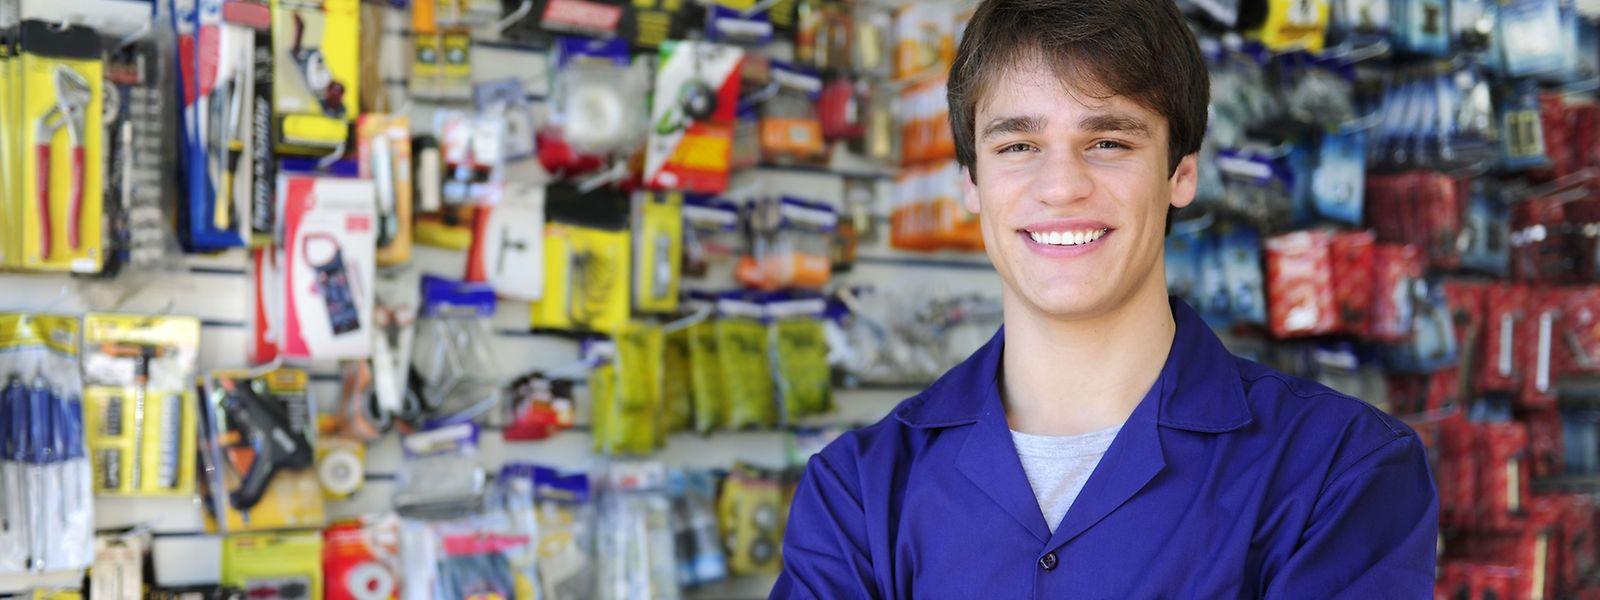 """Verkaufsberater oder doch lieber Büroangestellter: Auf der Webseite """"winwin.lu"""" der Handelskammer können sich künftige Auszubildende einen Überblick über die jeweiligen Berufe verschaffen."""